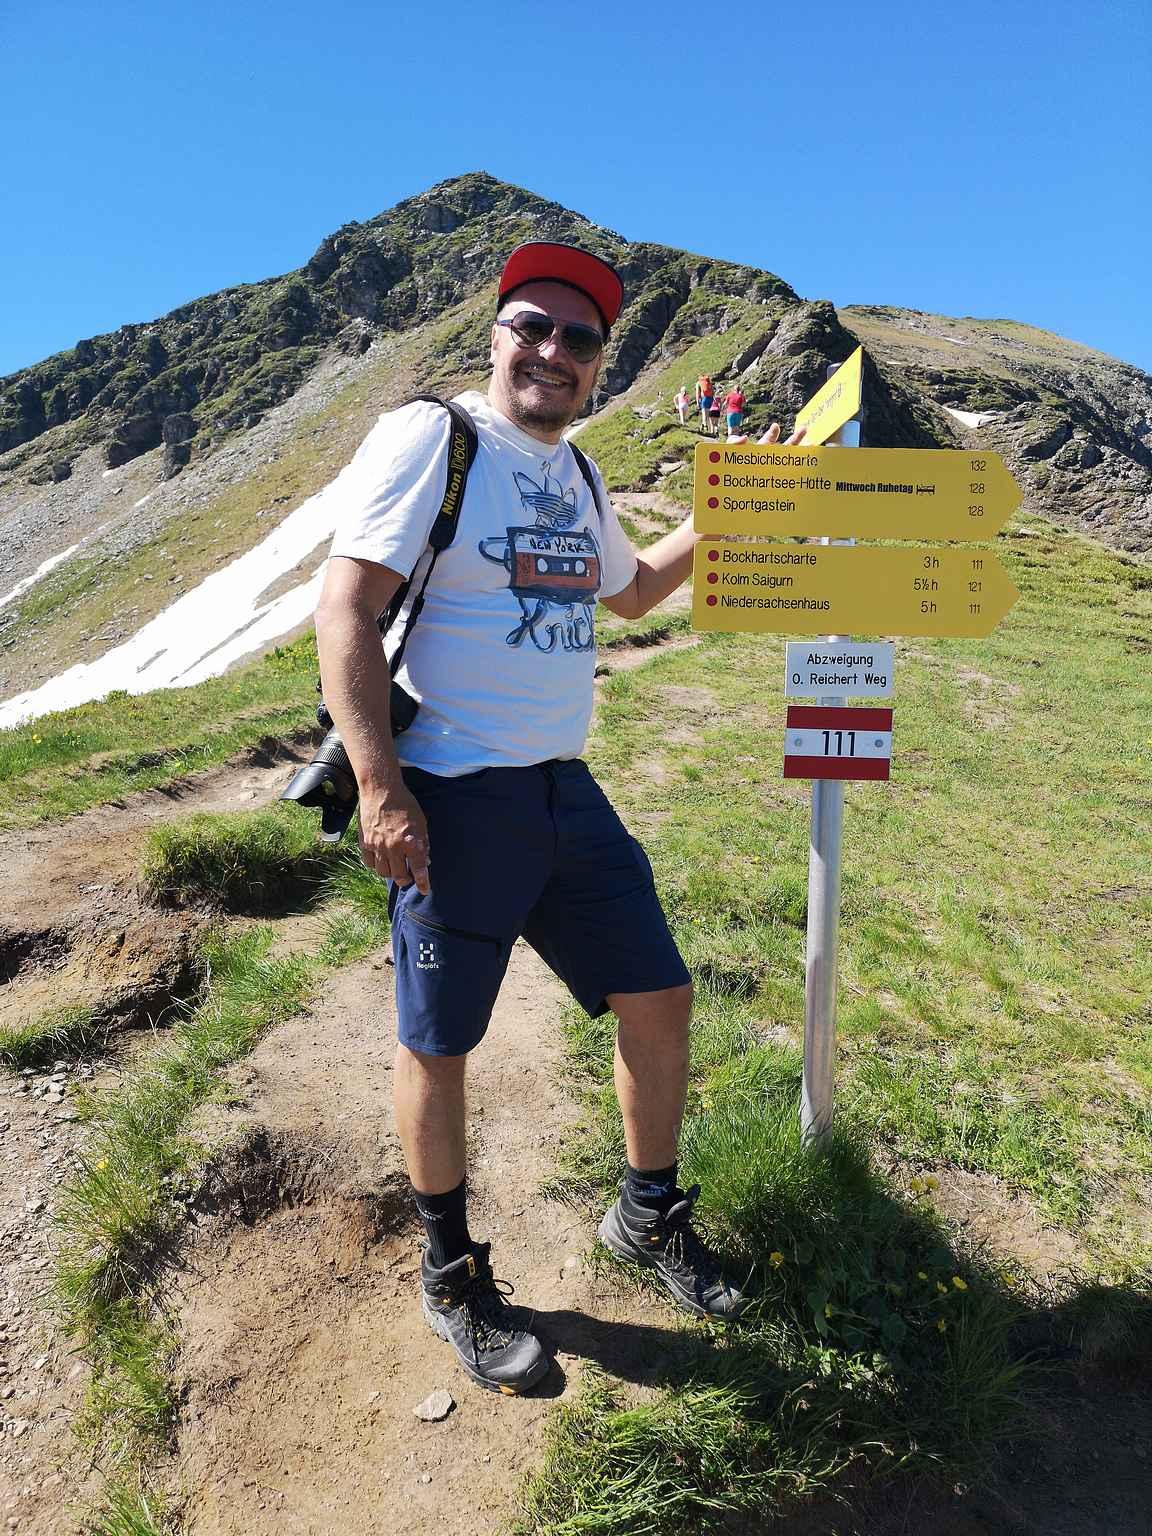 Reitti 34 lähtee kiipeämään kohti Tischkogelin huippua.